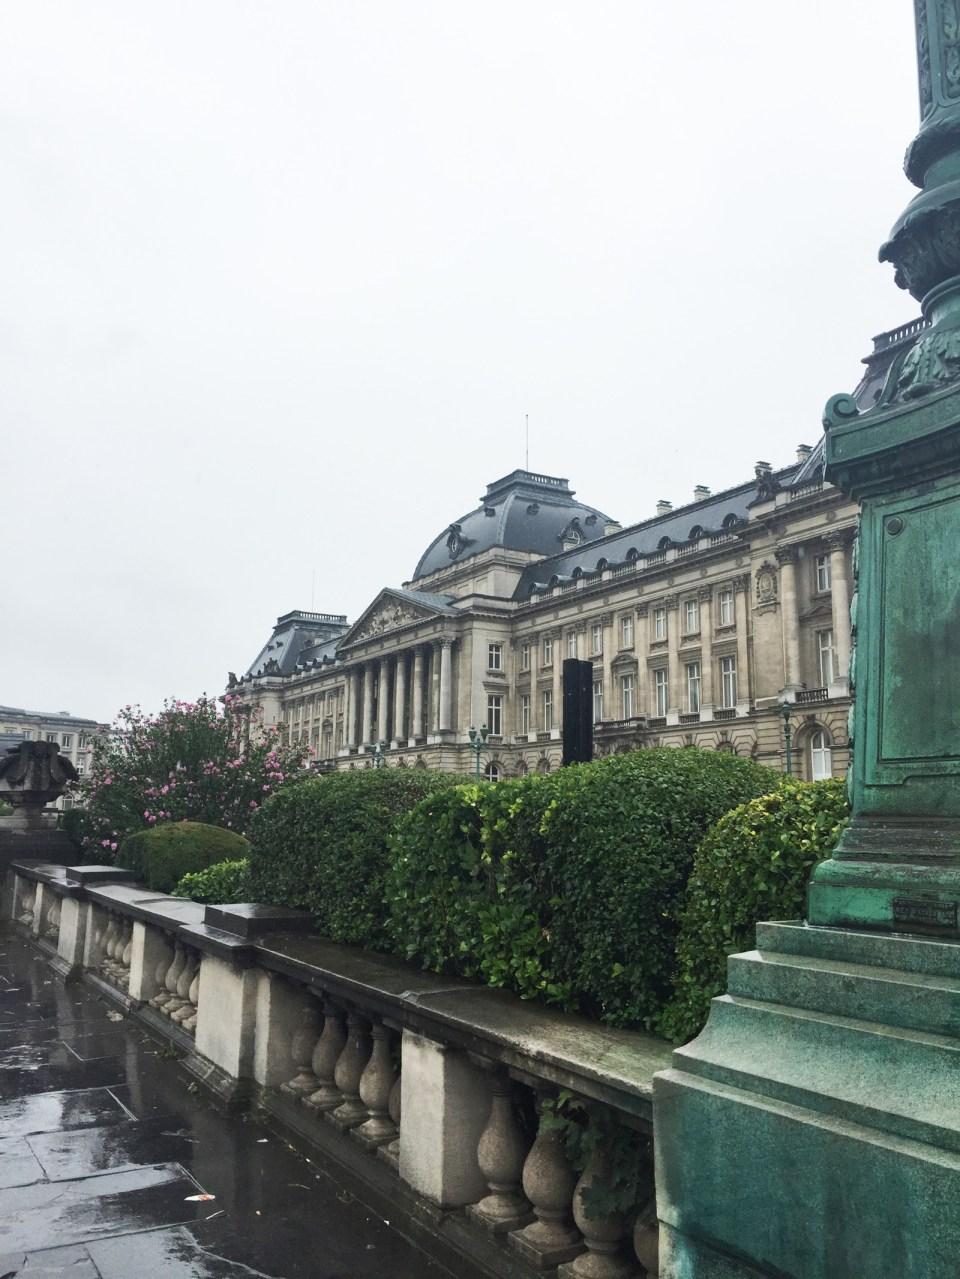 ベルギー王宮一般公開